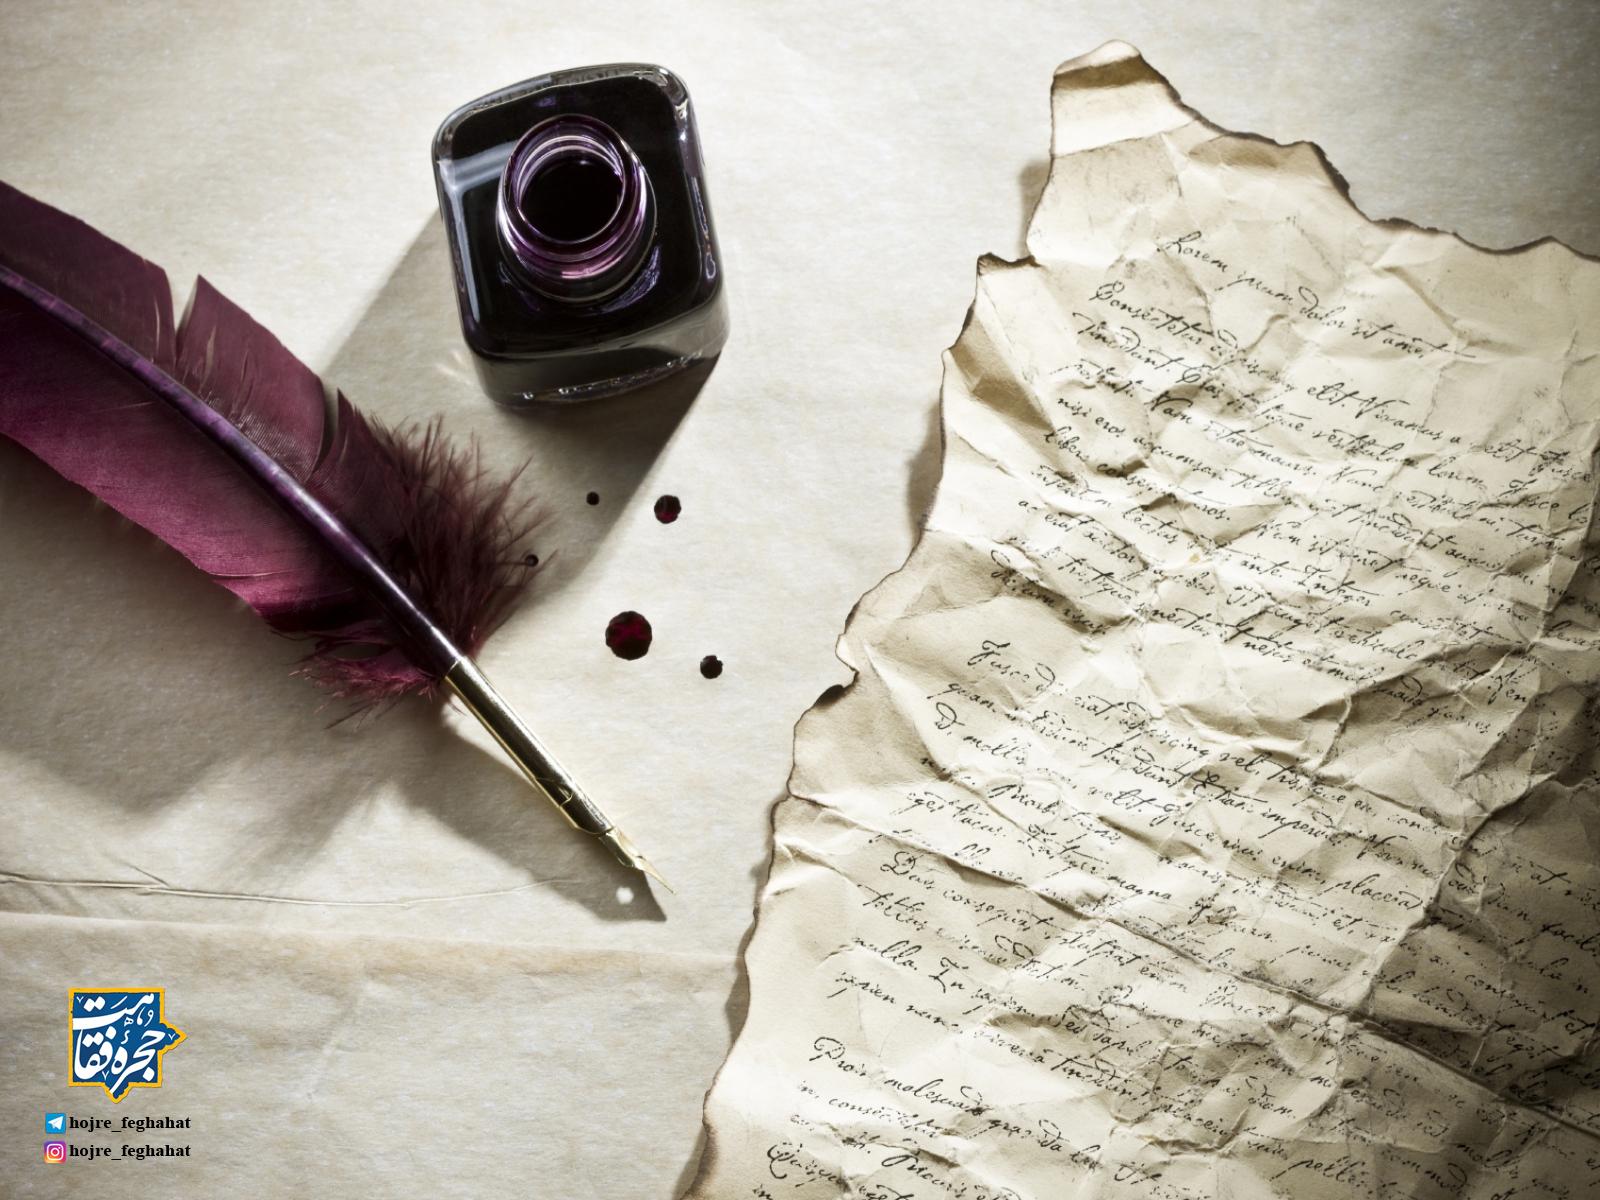 عریضه نویسی چیست و در میان علماء چه جایگاهی دارد؟